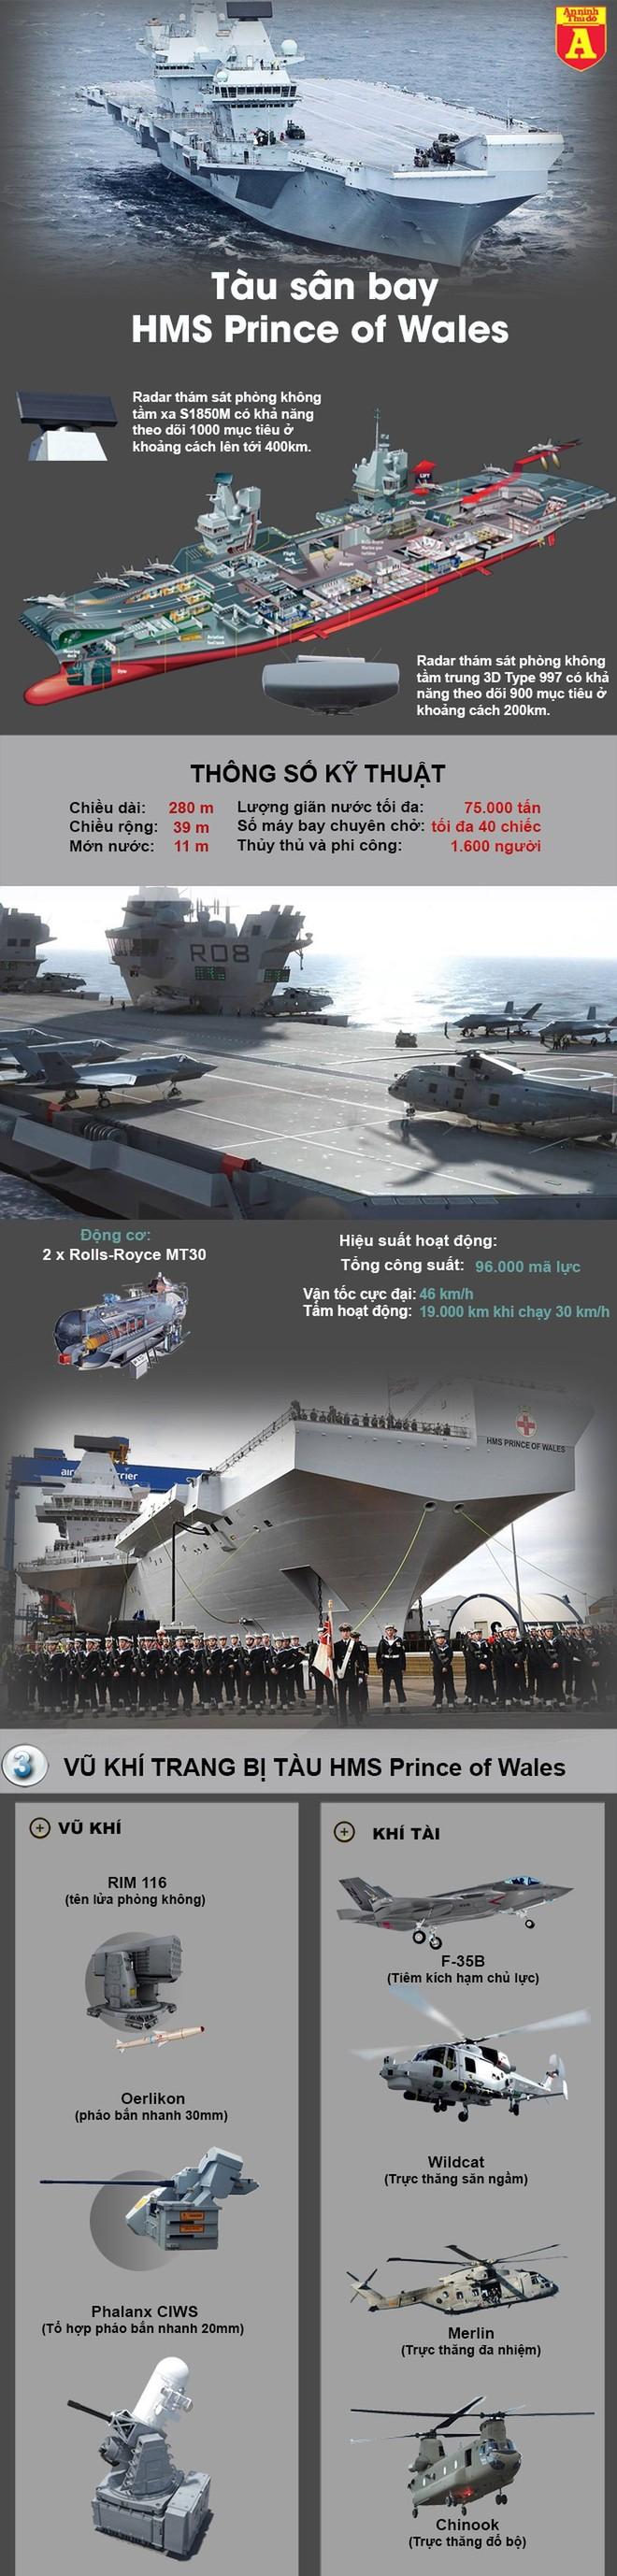 [Info] Tại sao Trung Quốc coi thường siêu tàu sân bay Anh ảnh 2